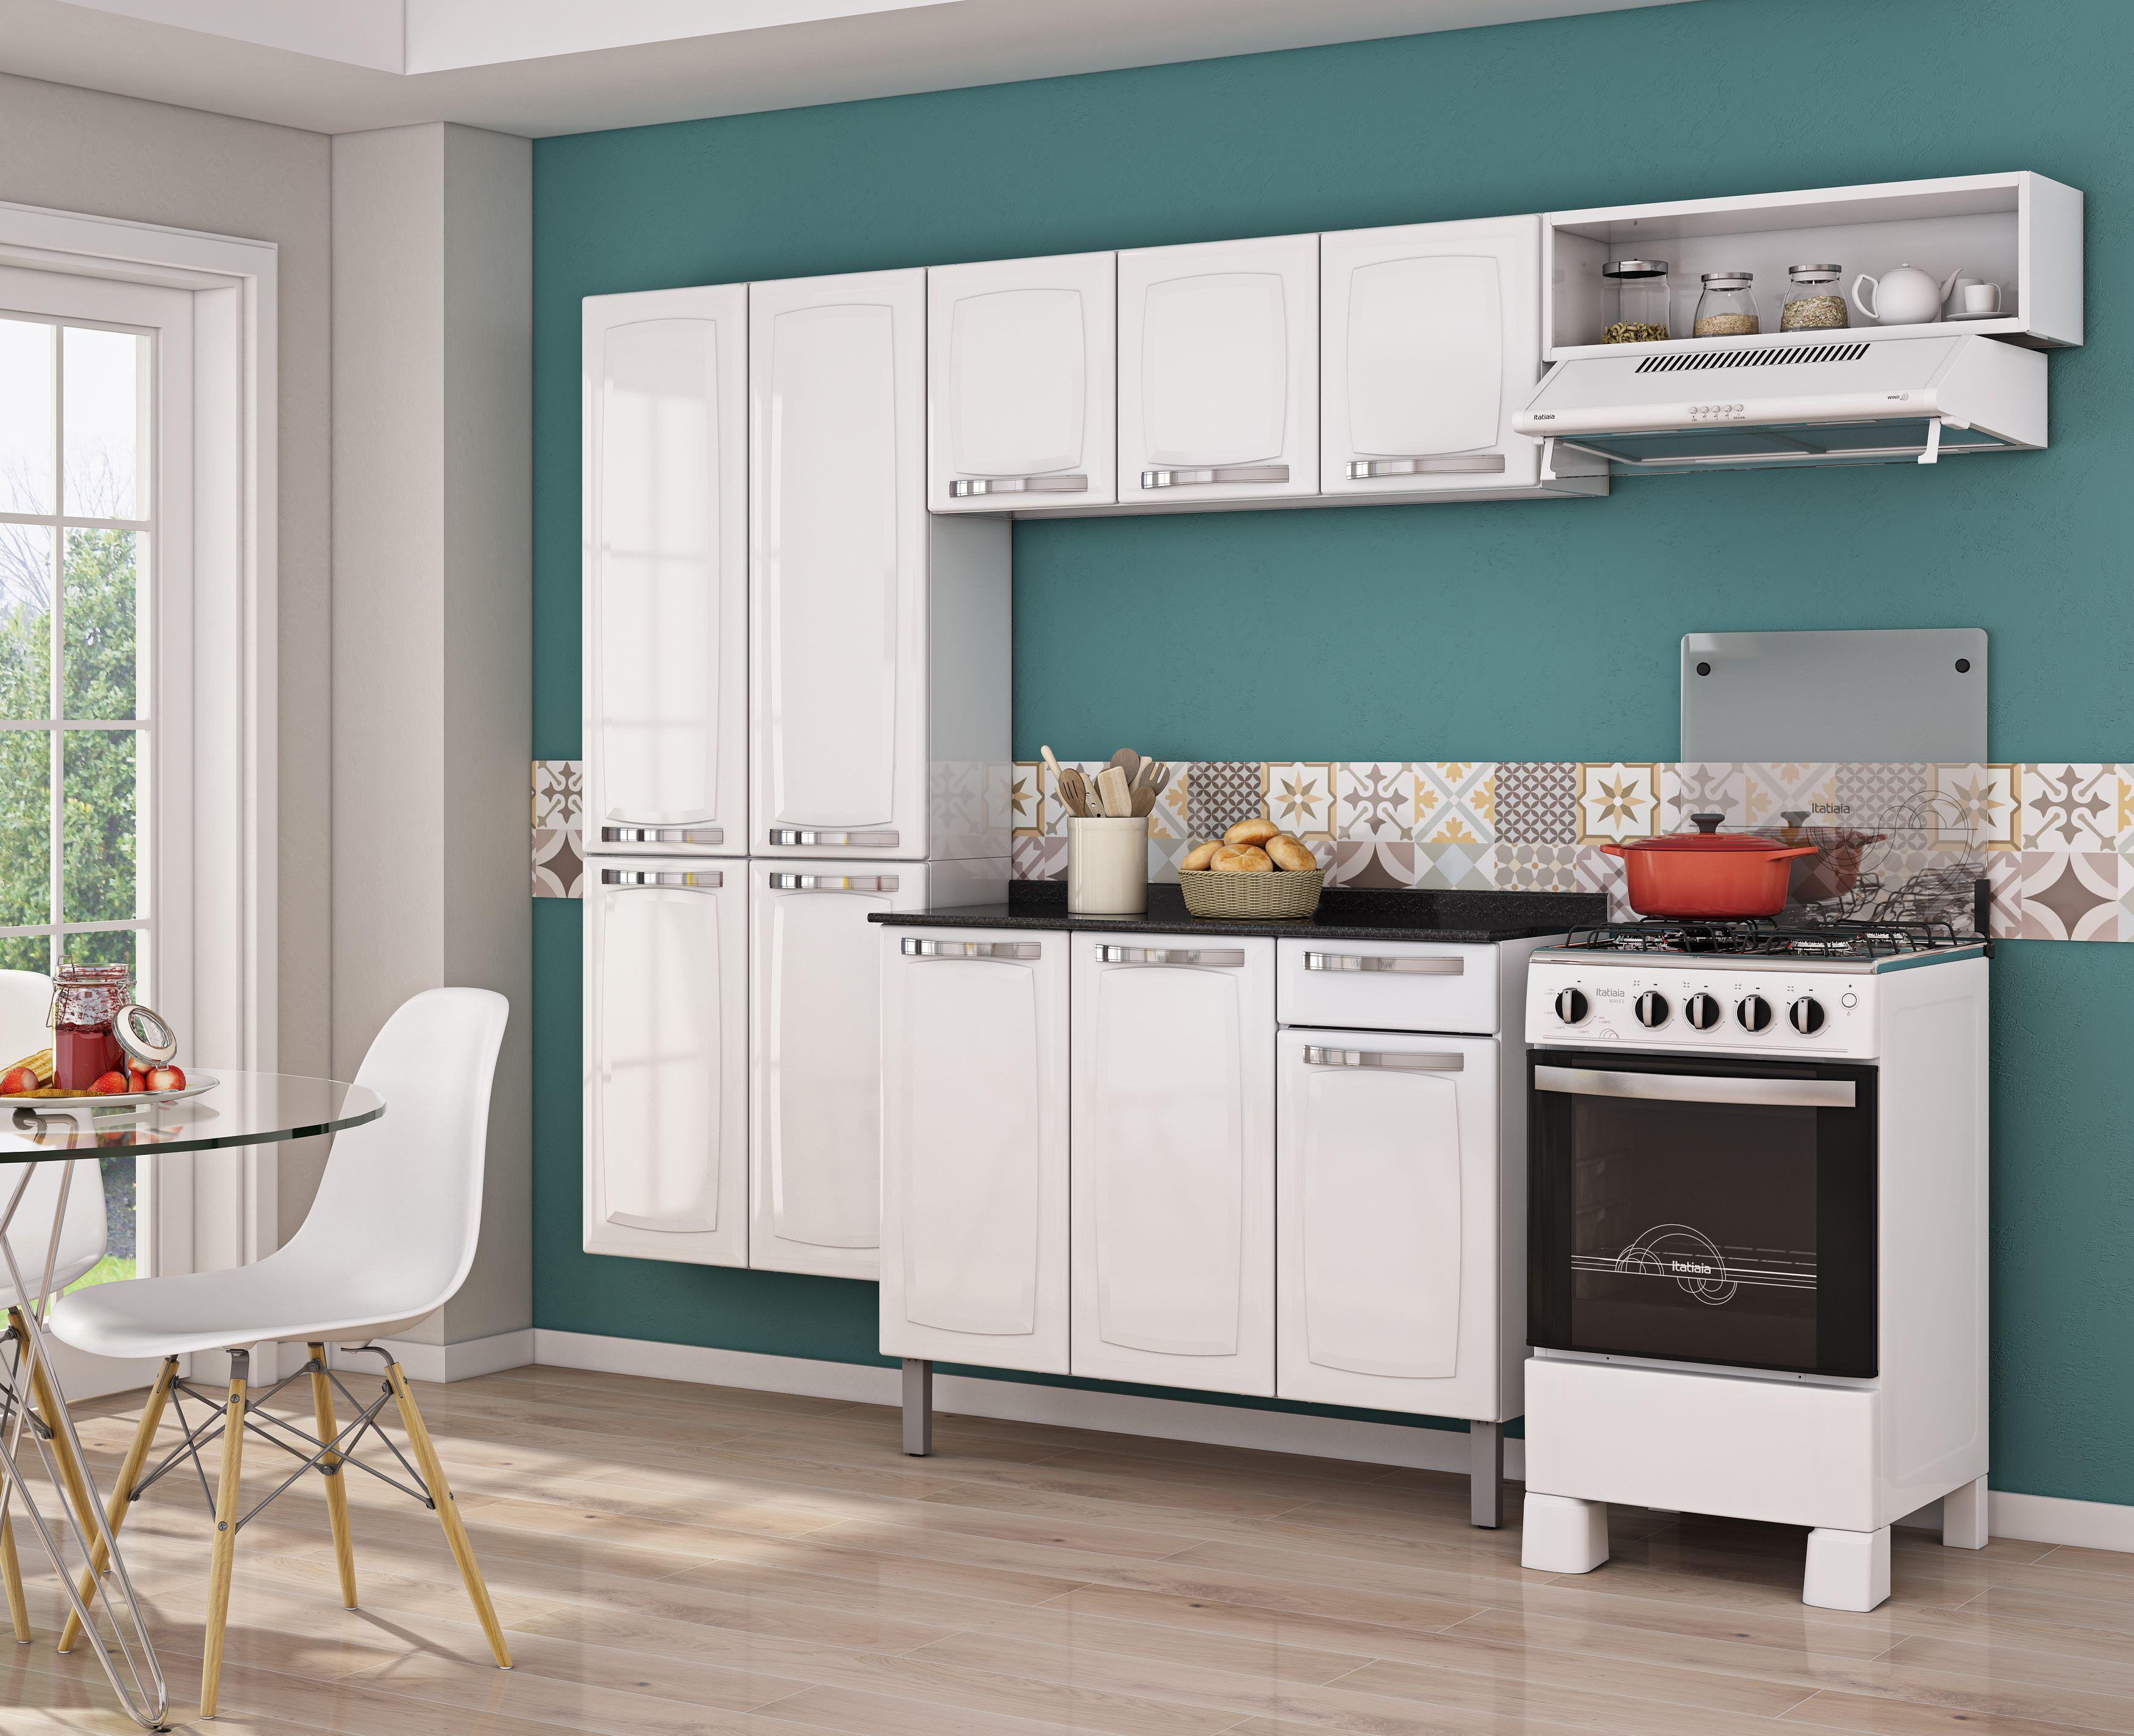 Cozinhas Completas Cozinha Compacta Jaeli Laura Noce E Rtico